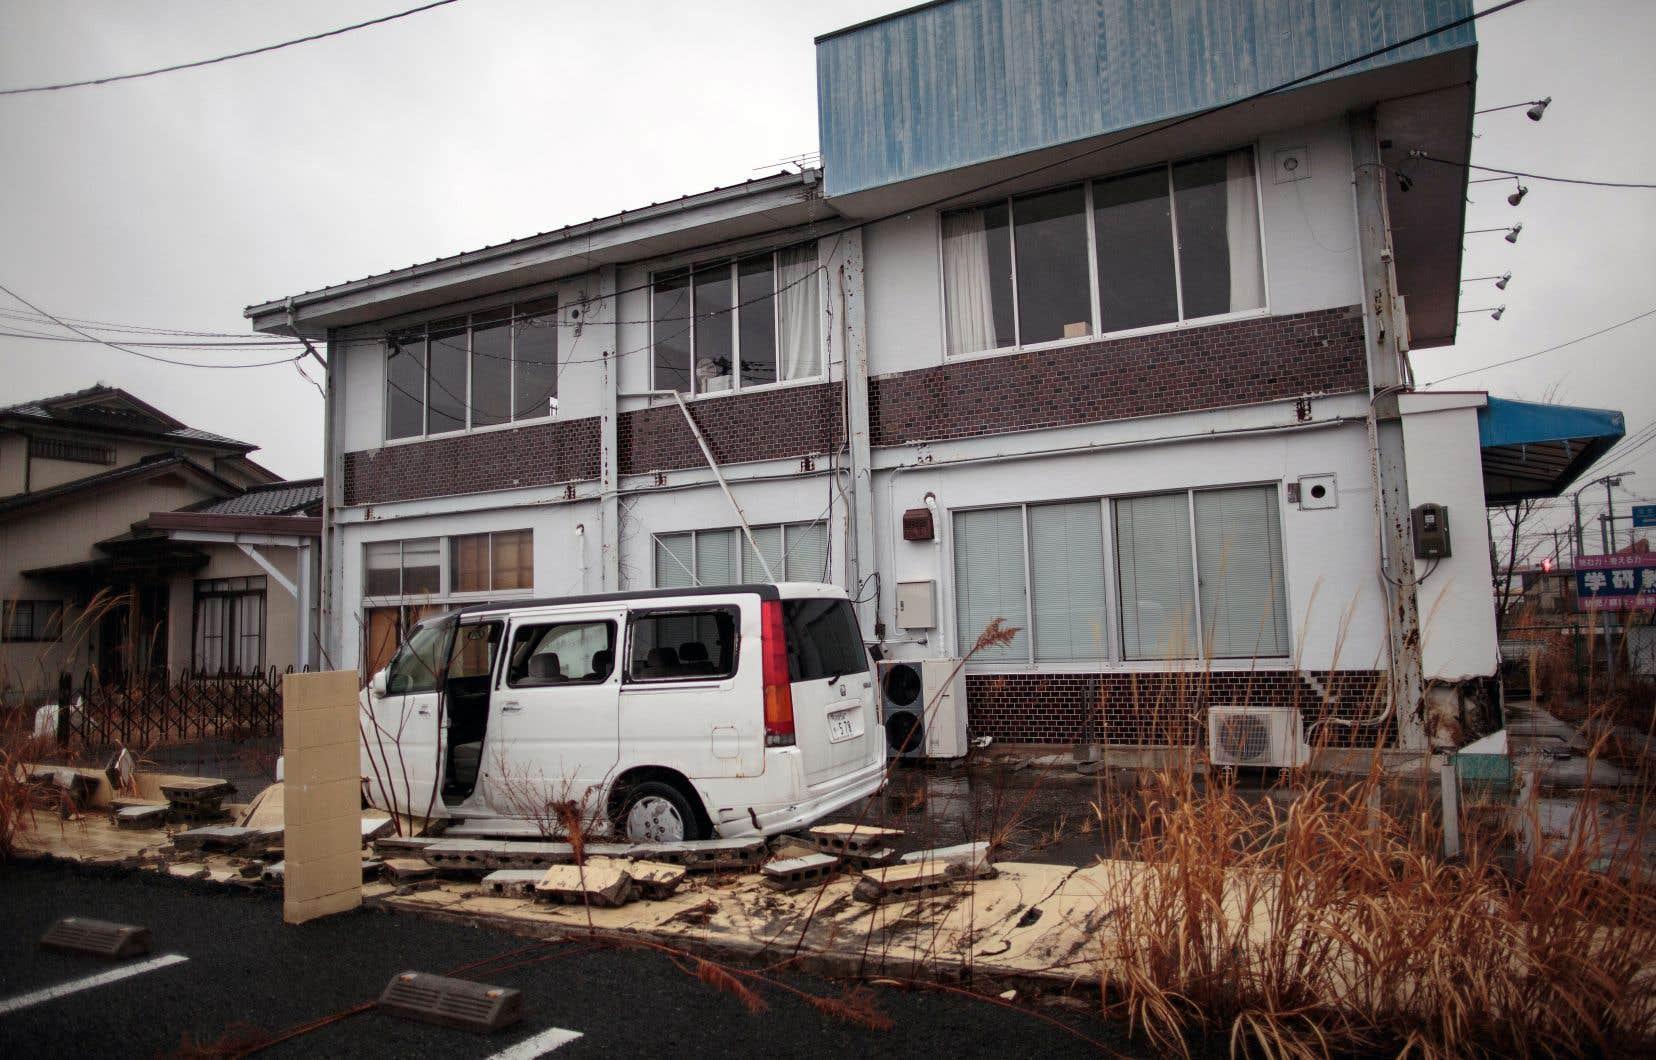 Nissan a inauguré cette semaine une usine à Namie. Dans cette ville ravagée par le tsunami du 11 mars 2011, 80% du territoire reste interdit d'accès.